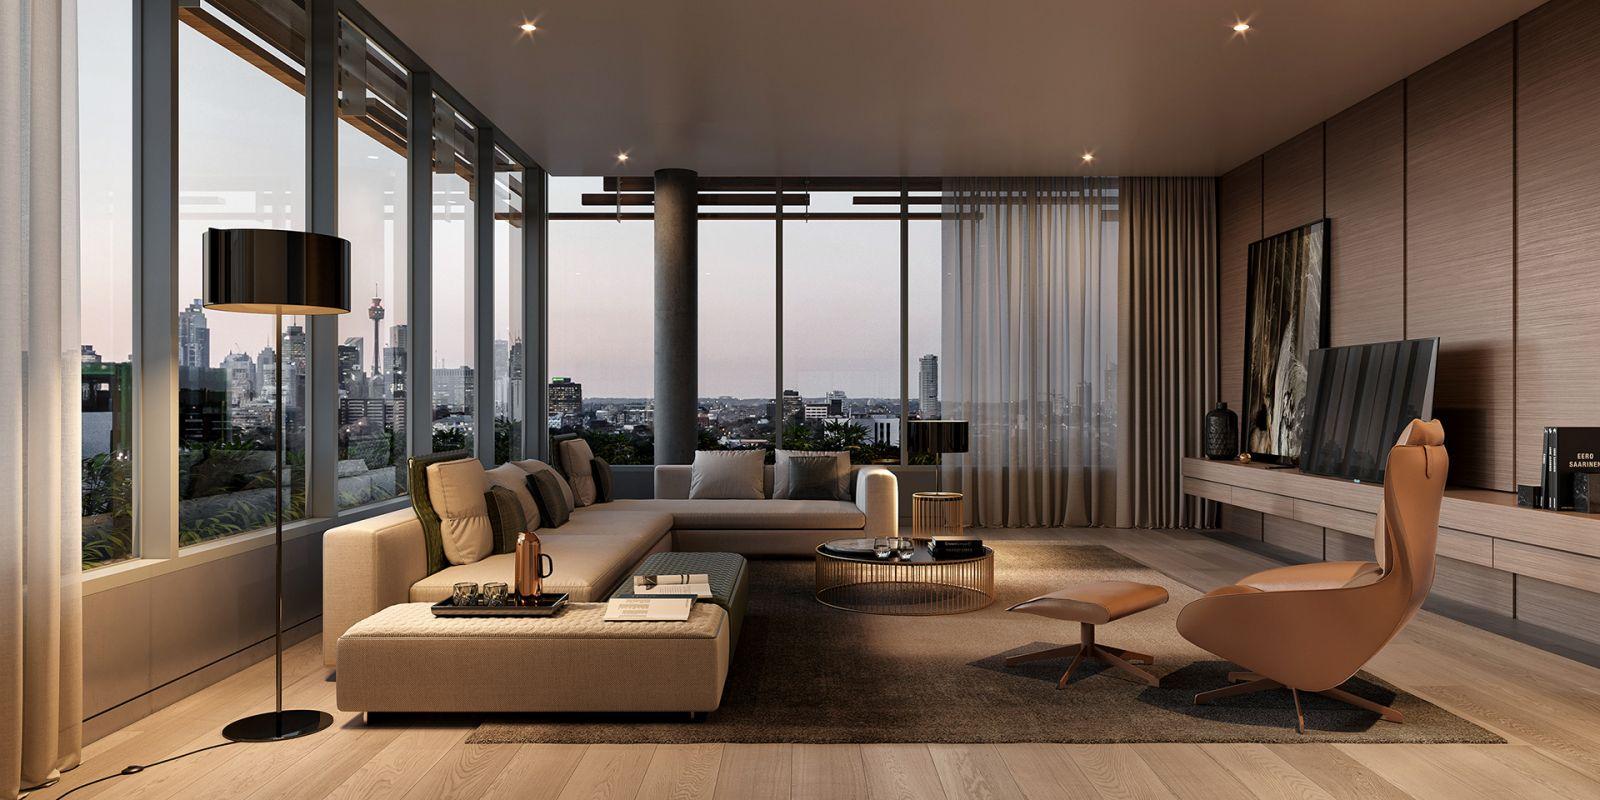 Thiết kế căn hộ penthouse mang phong cách Châu Âu sang trọng đẳng cấp